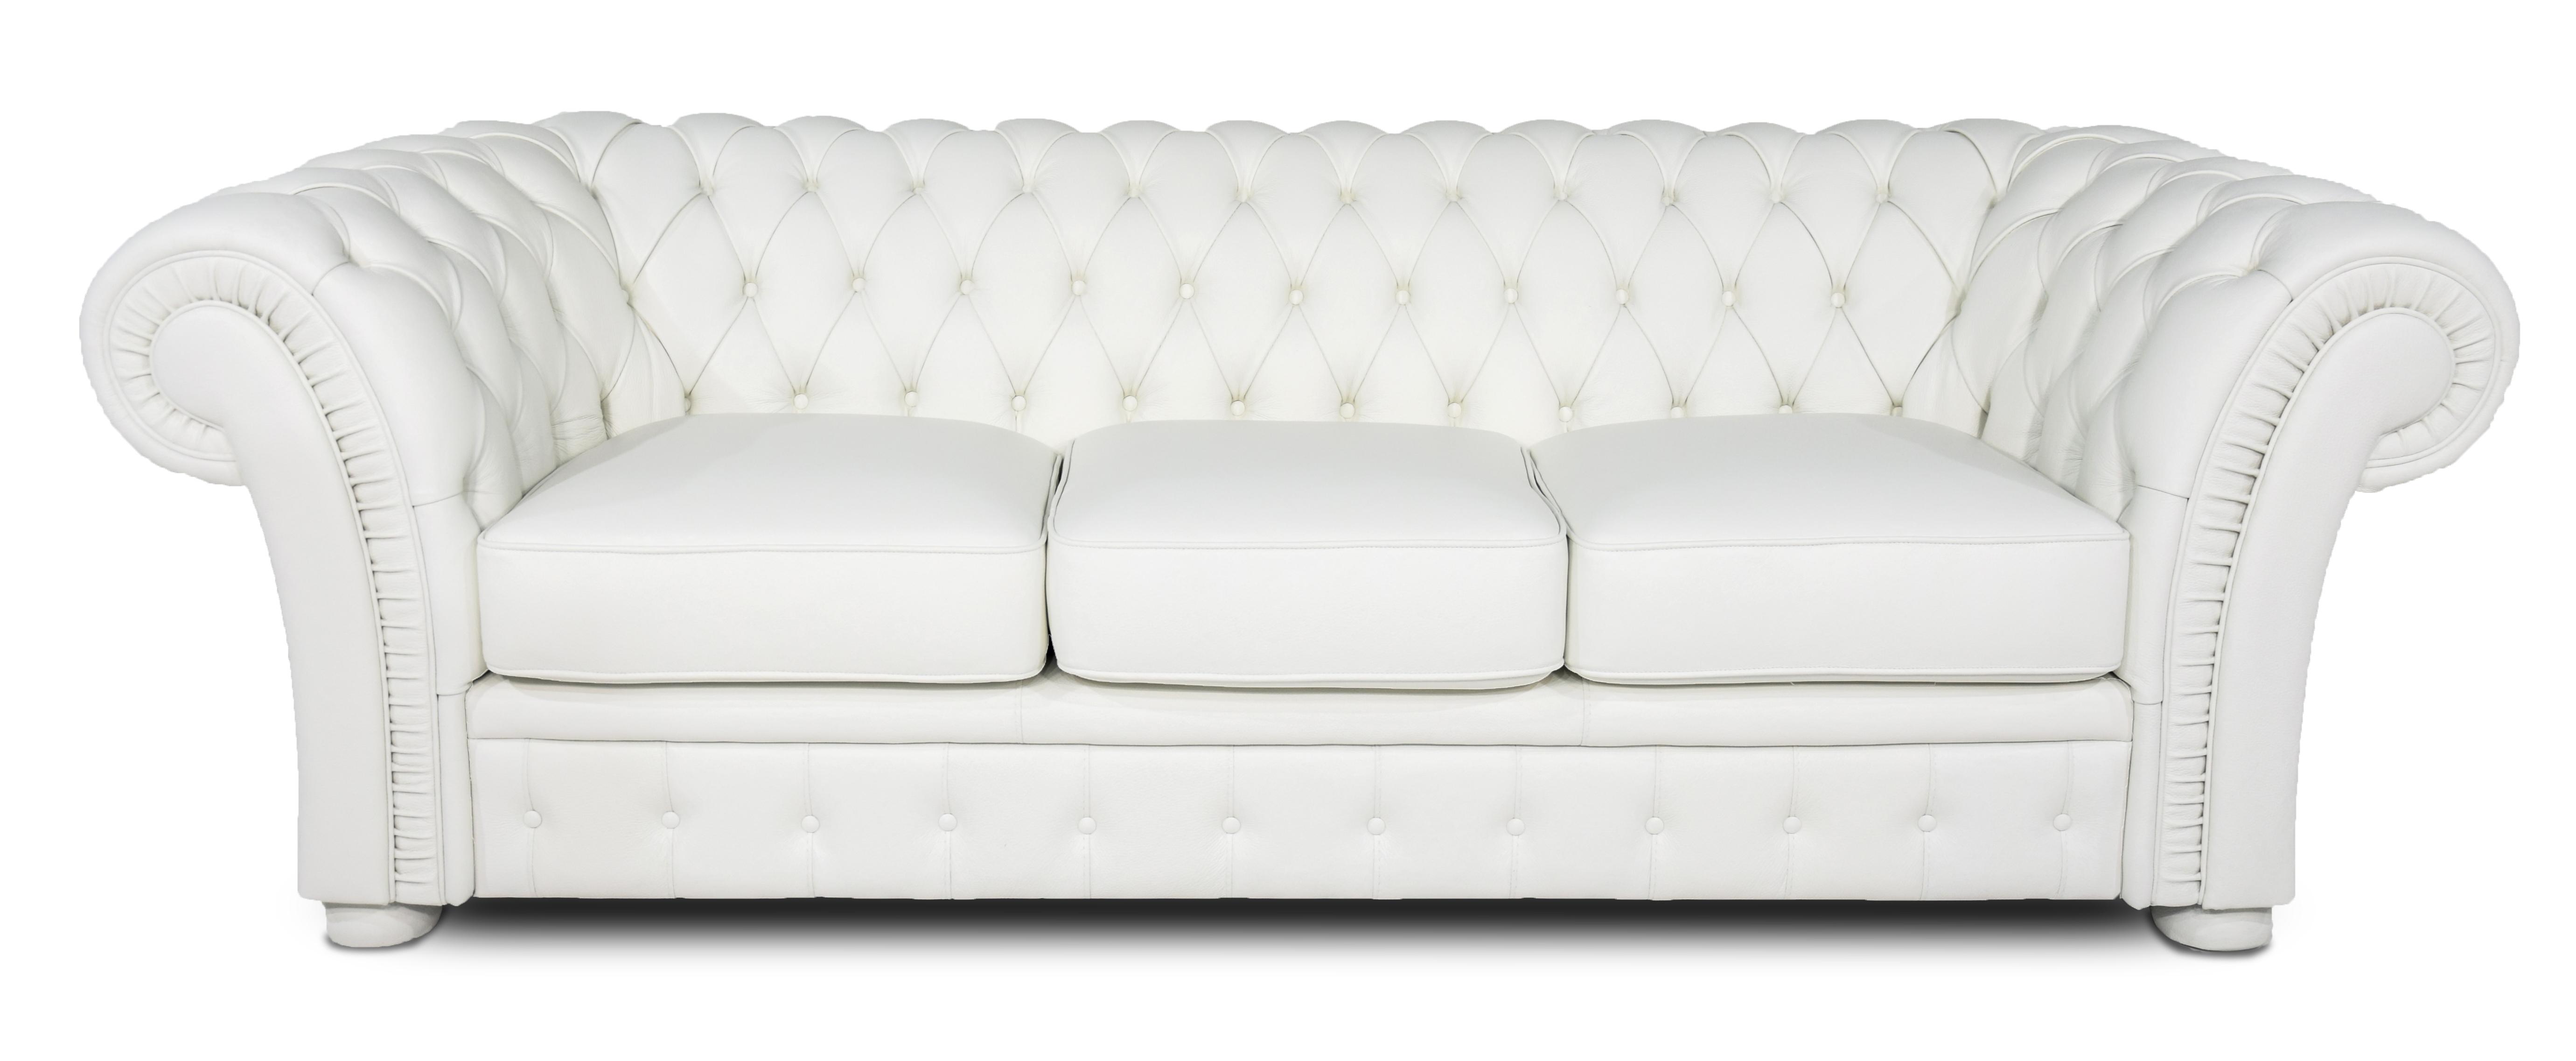 DANE Divano chesterfield bianco in pelle modello impero a 3 posti con base e piedini in legno tappezzati in pelle